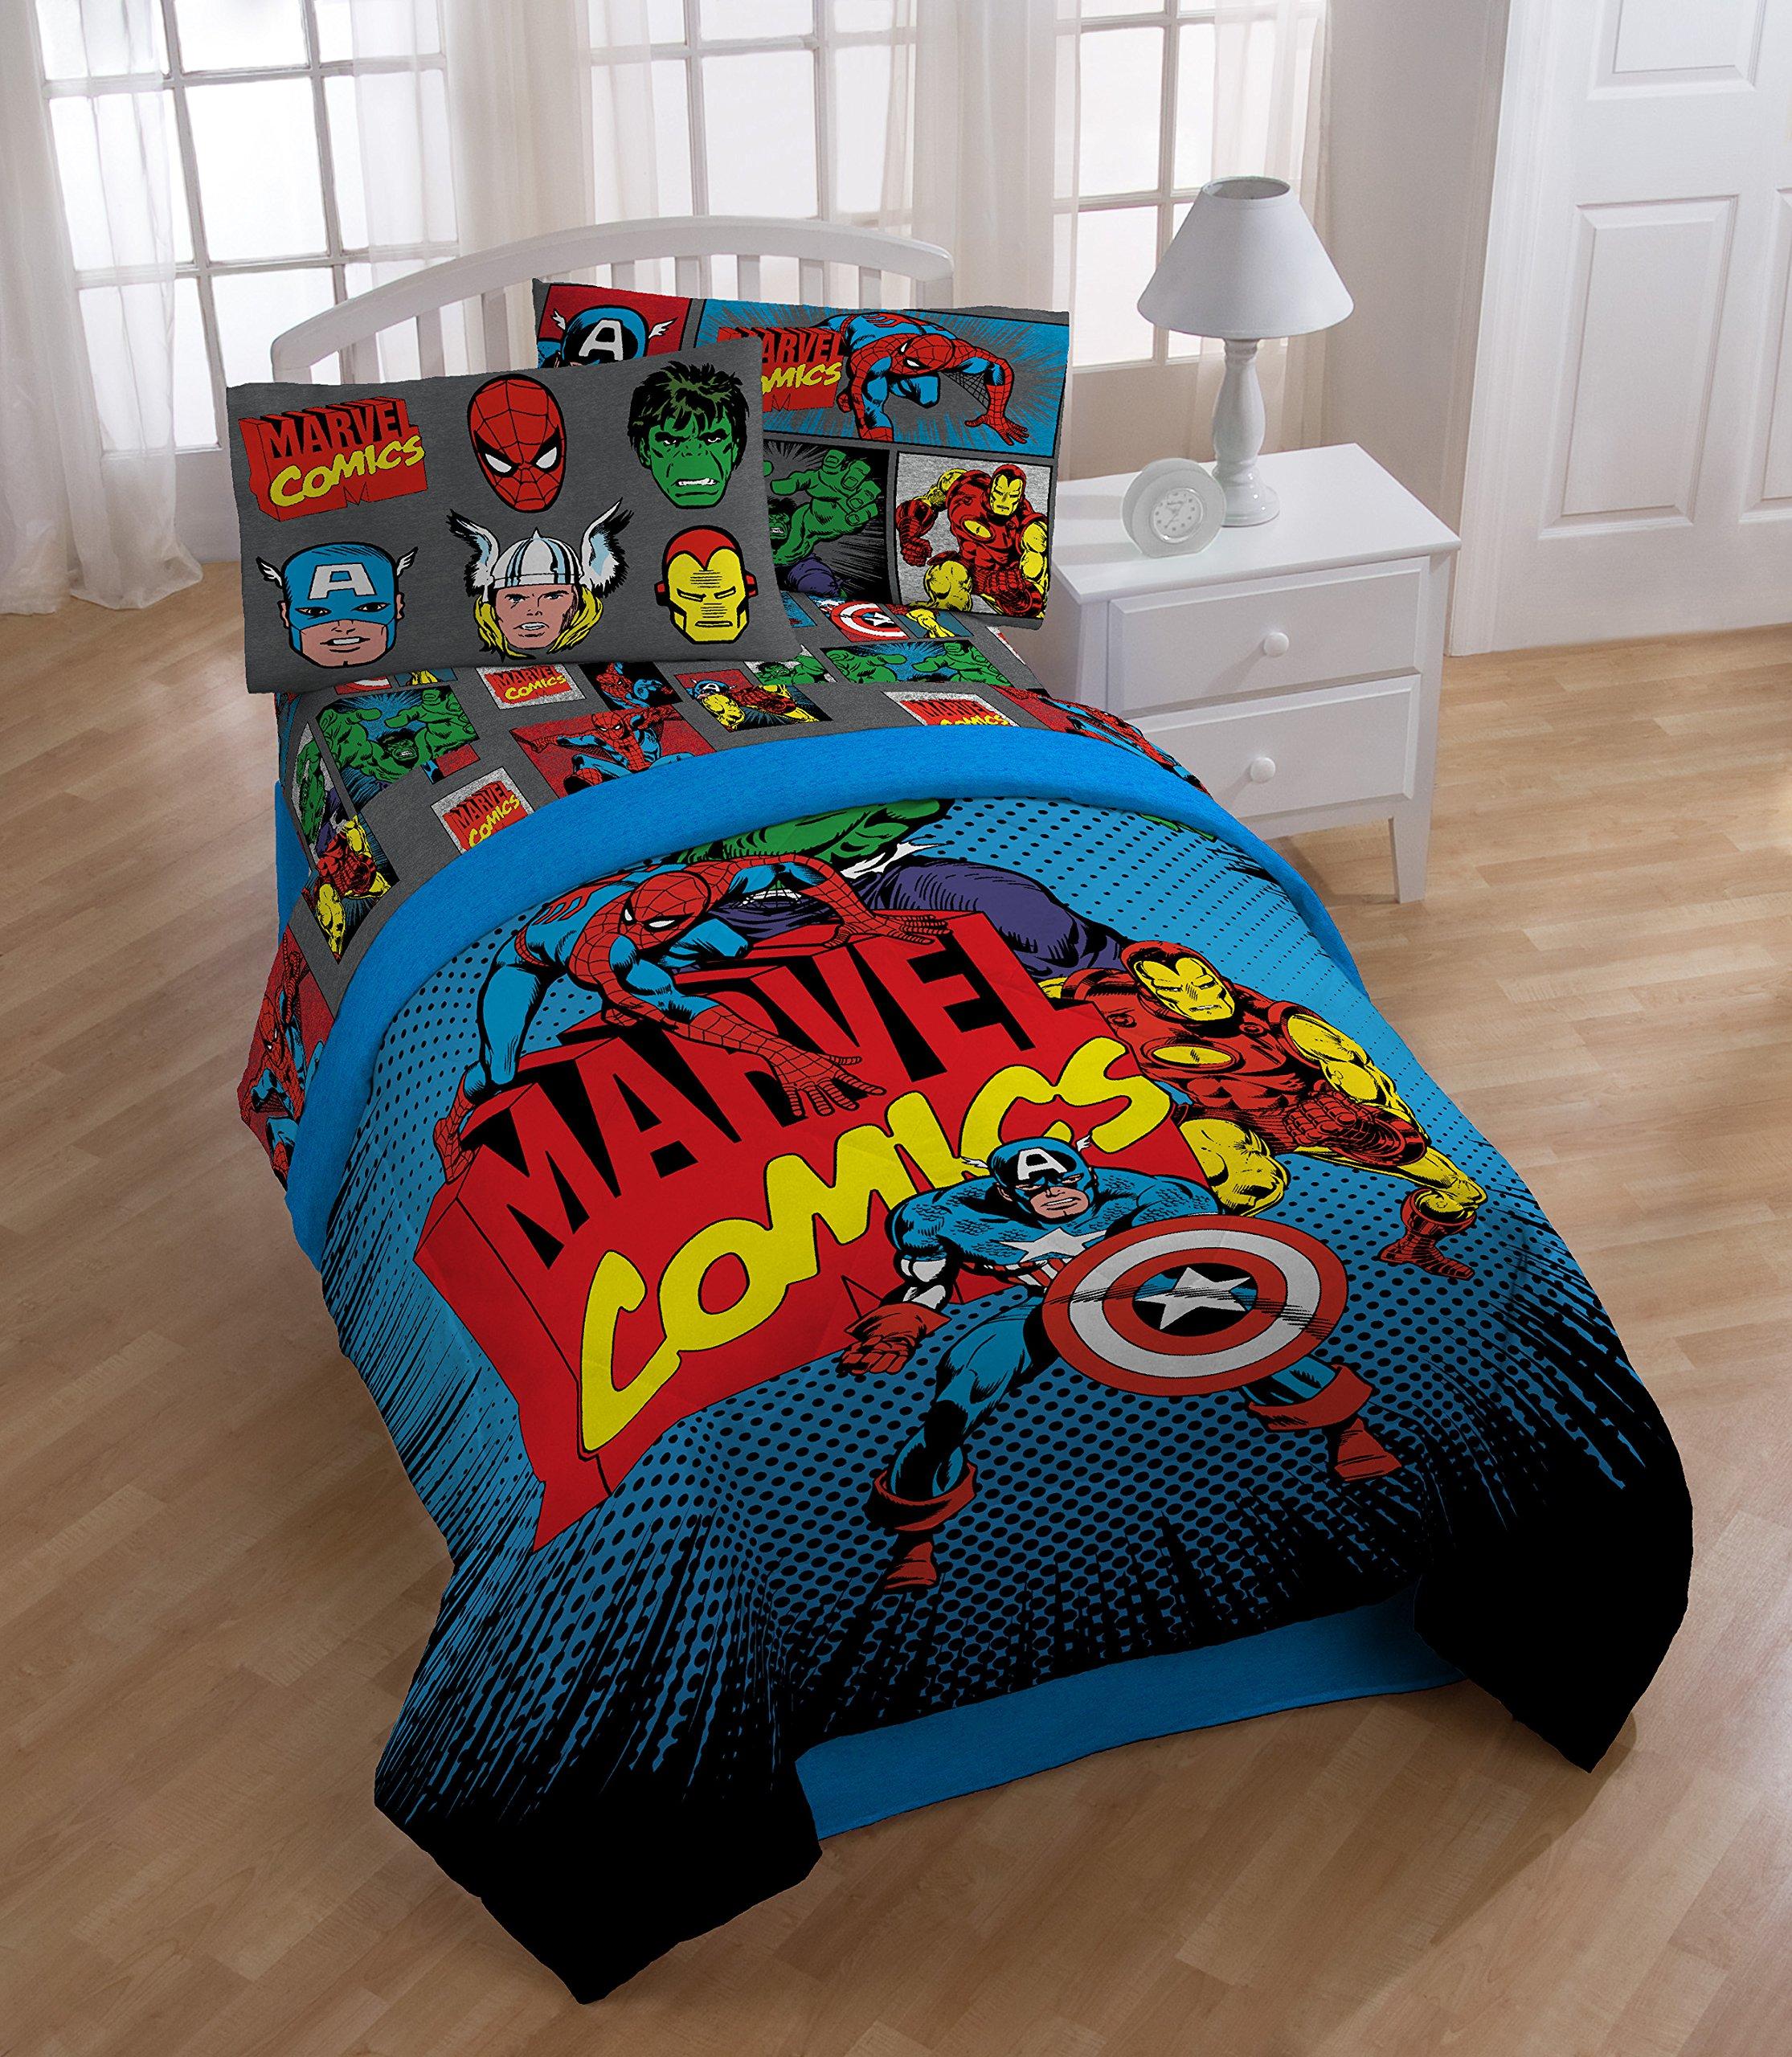 Vintage superhero bedding - Details